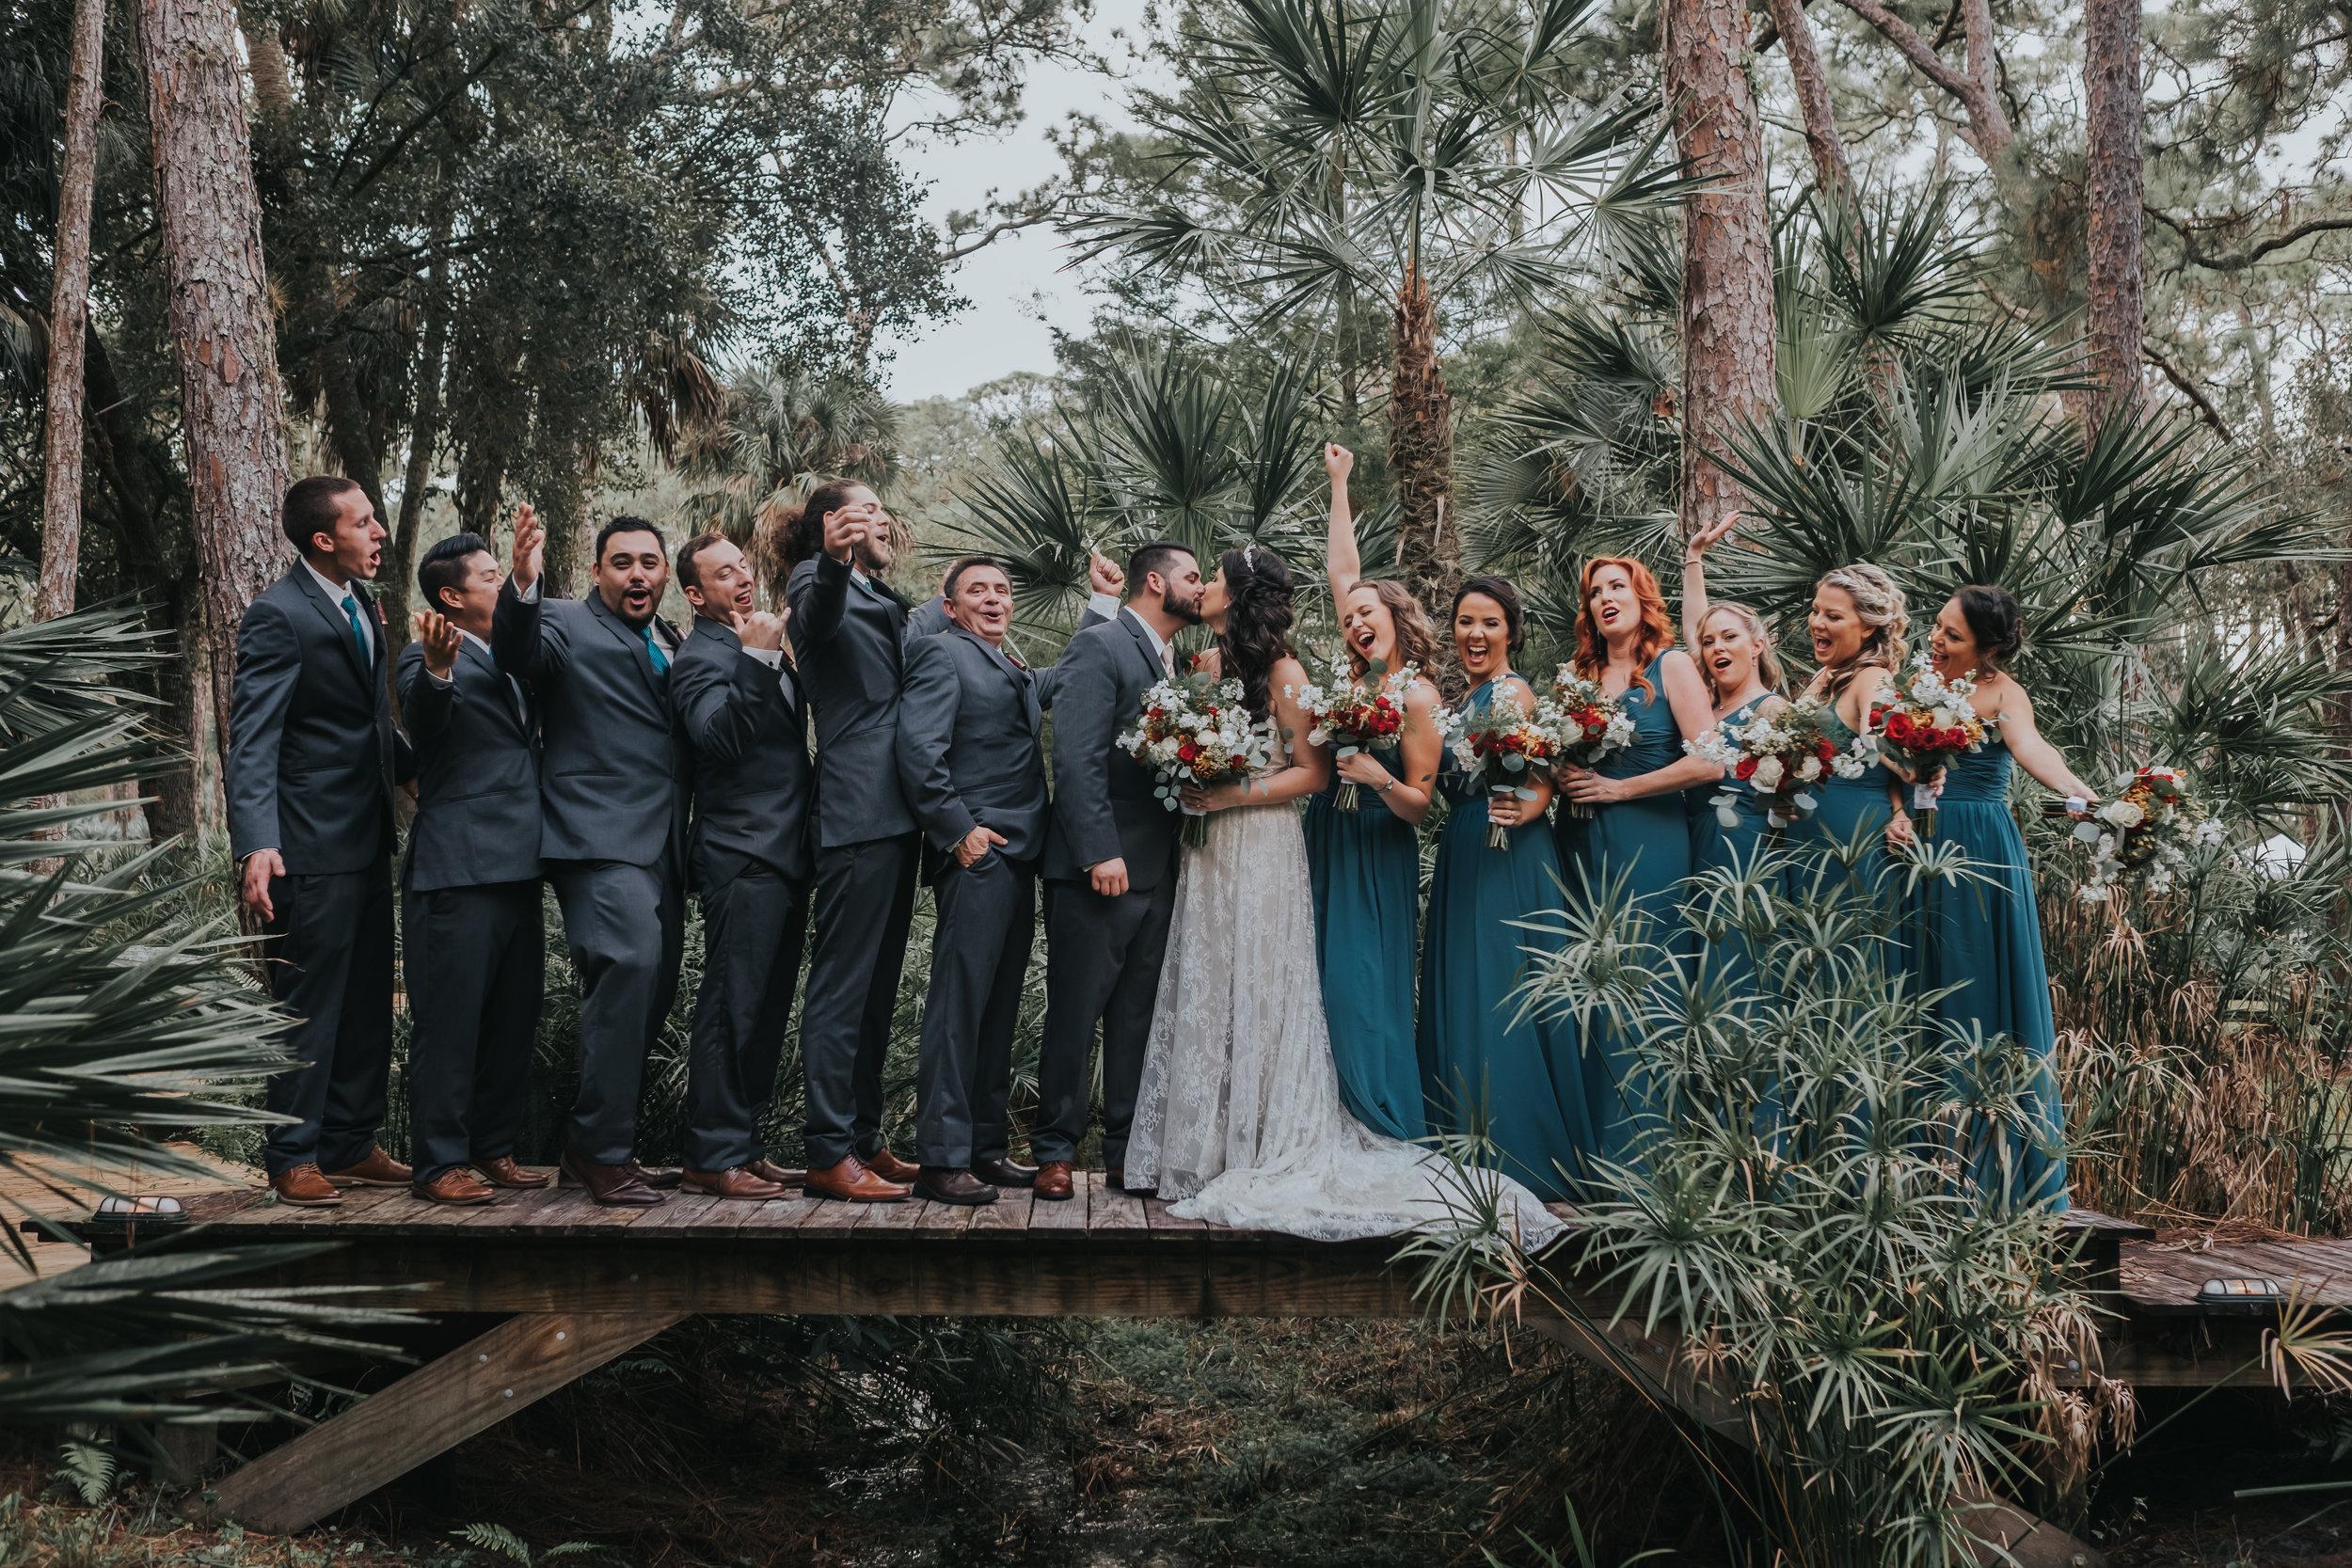 okeechobee wedding photographer-bridal party-sbvisionwedding-flweddingphotographer-palmettoo-wooden bridge